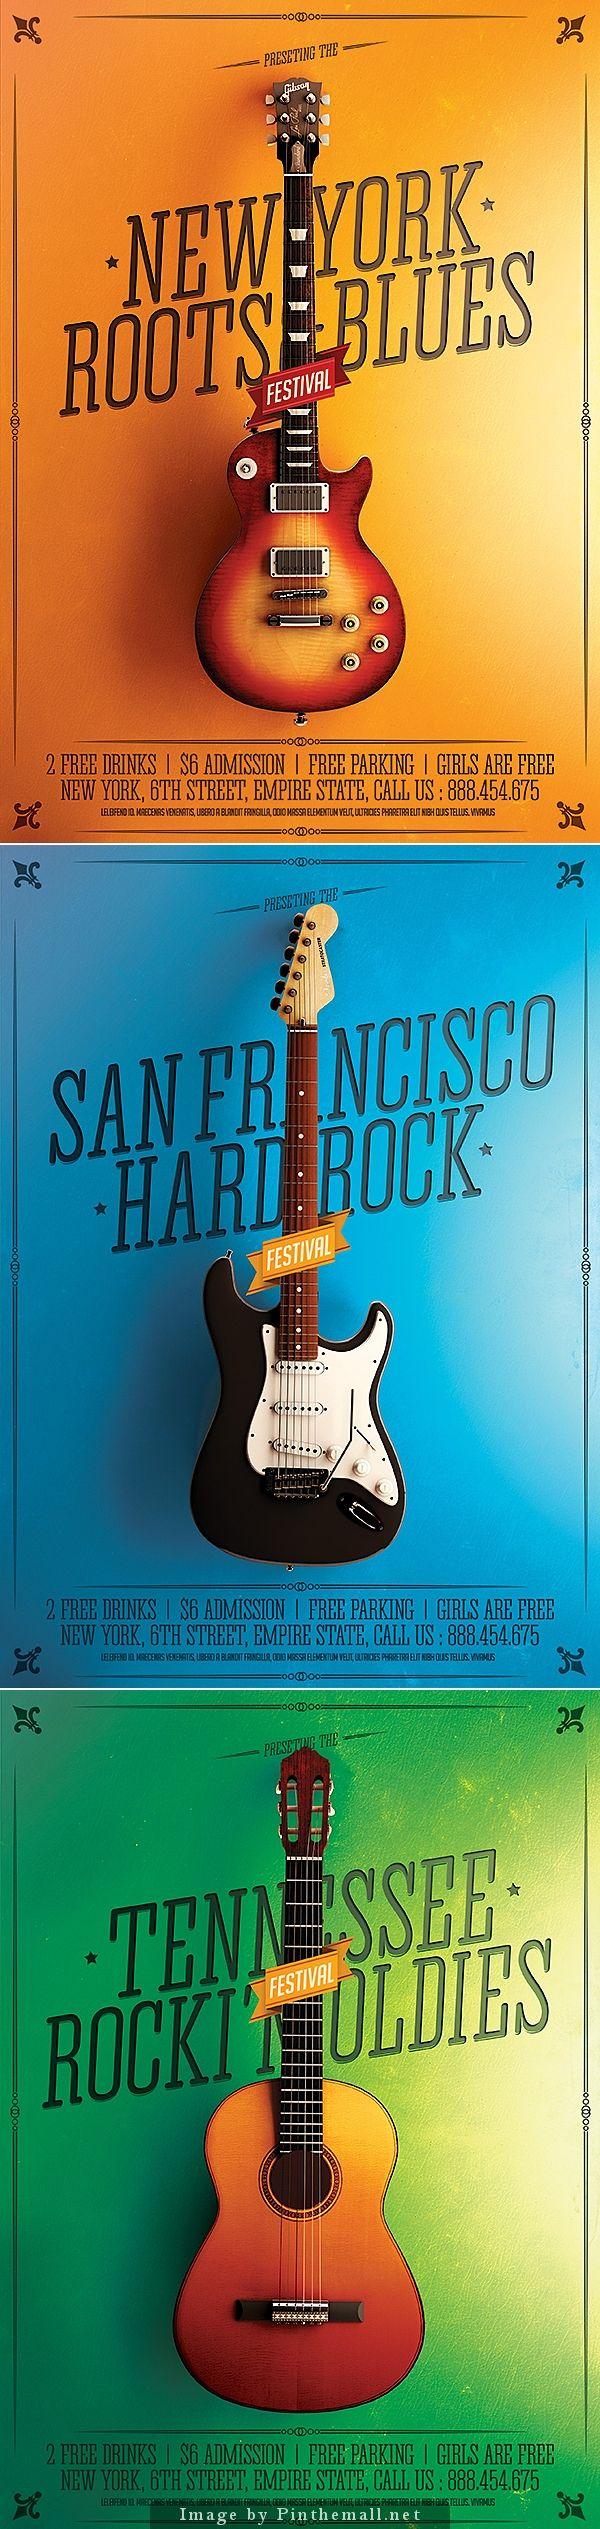 Minimal Rock Festival Posters by Ali Rahmoun